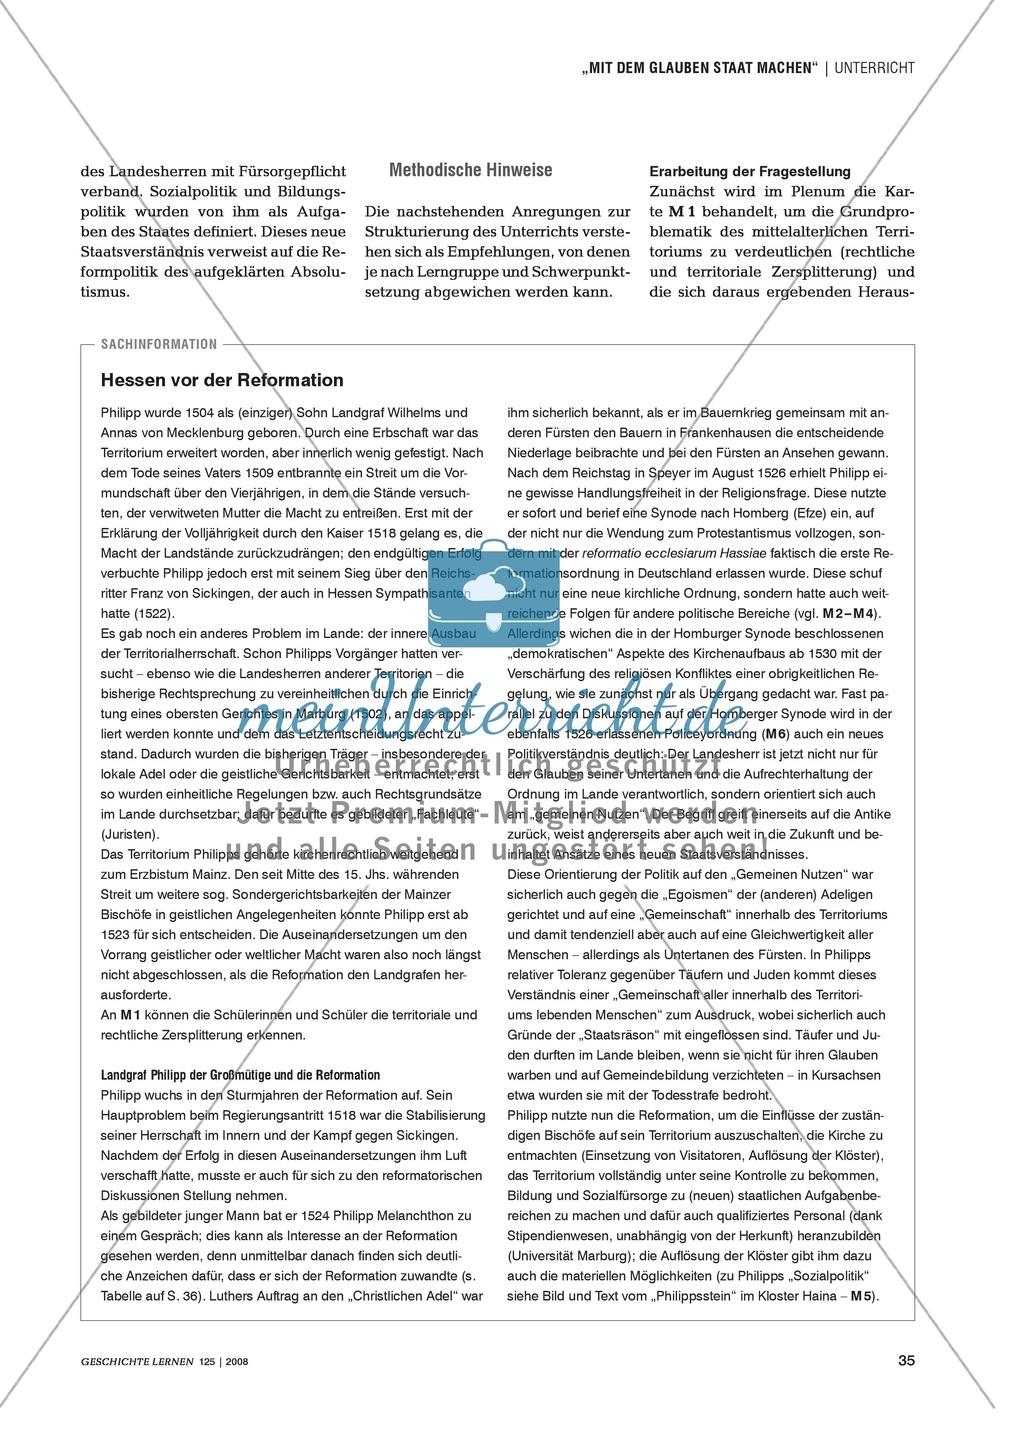 Marco Blöcher, Werner Michel: Quellenanalyse in arbeitsteiliger Gruppenarbeit zu den Auswirkungen der Reformation am Beispiel des Landgrafen Philipp von Hessen Preview 1